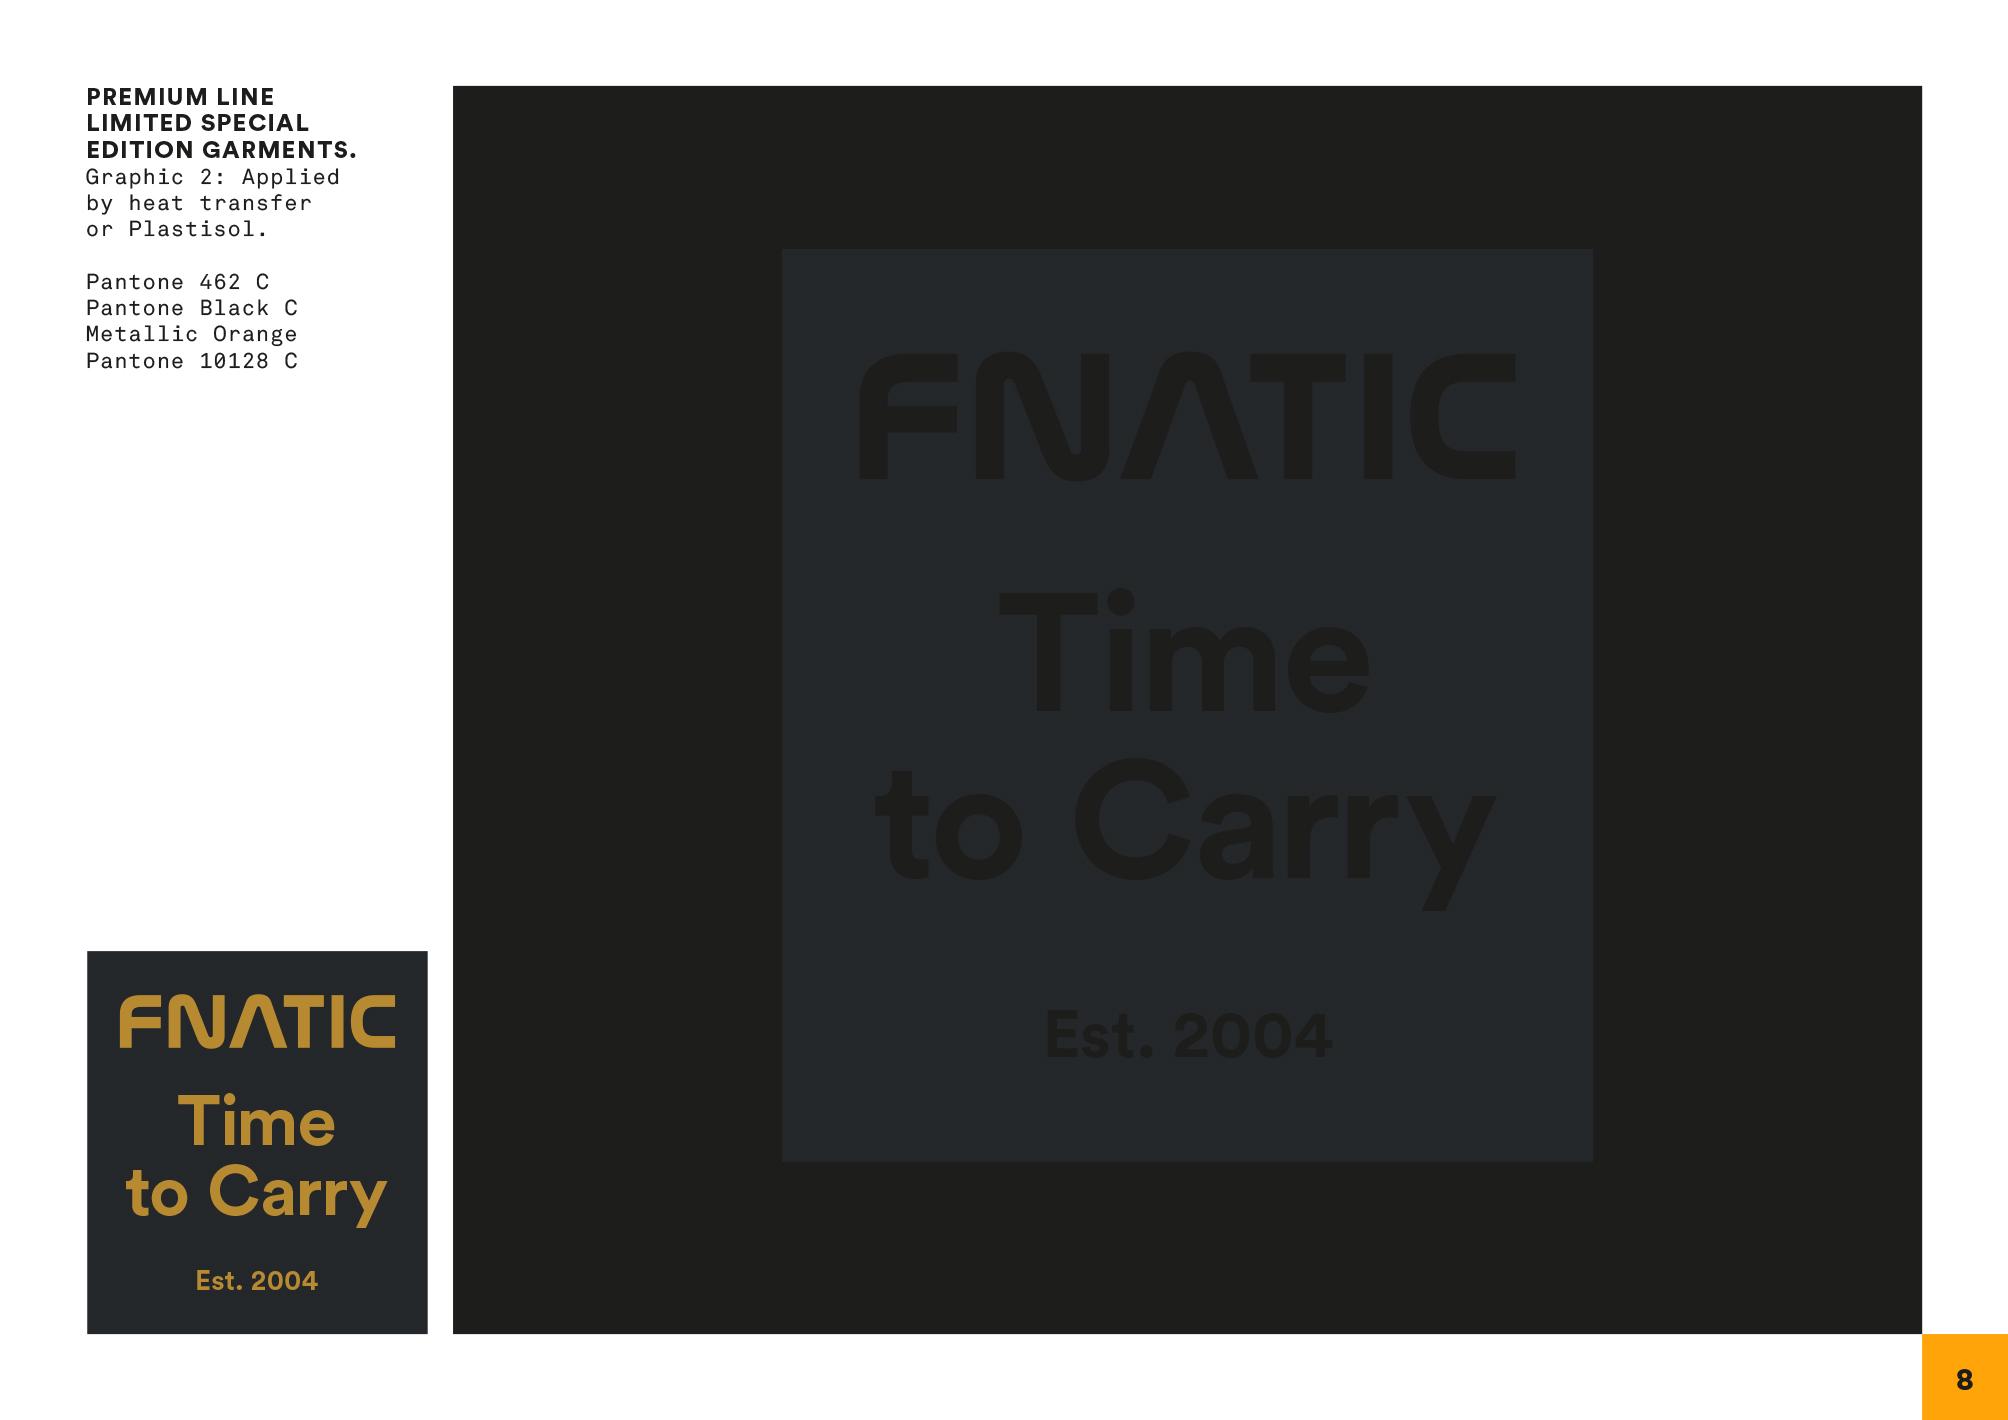 Fnatic clothing Robin Farley 2017-8